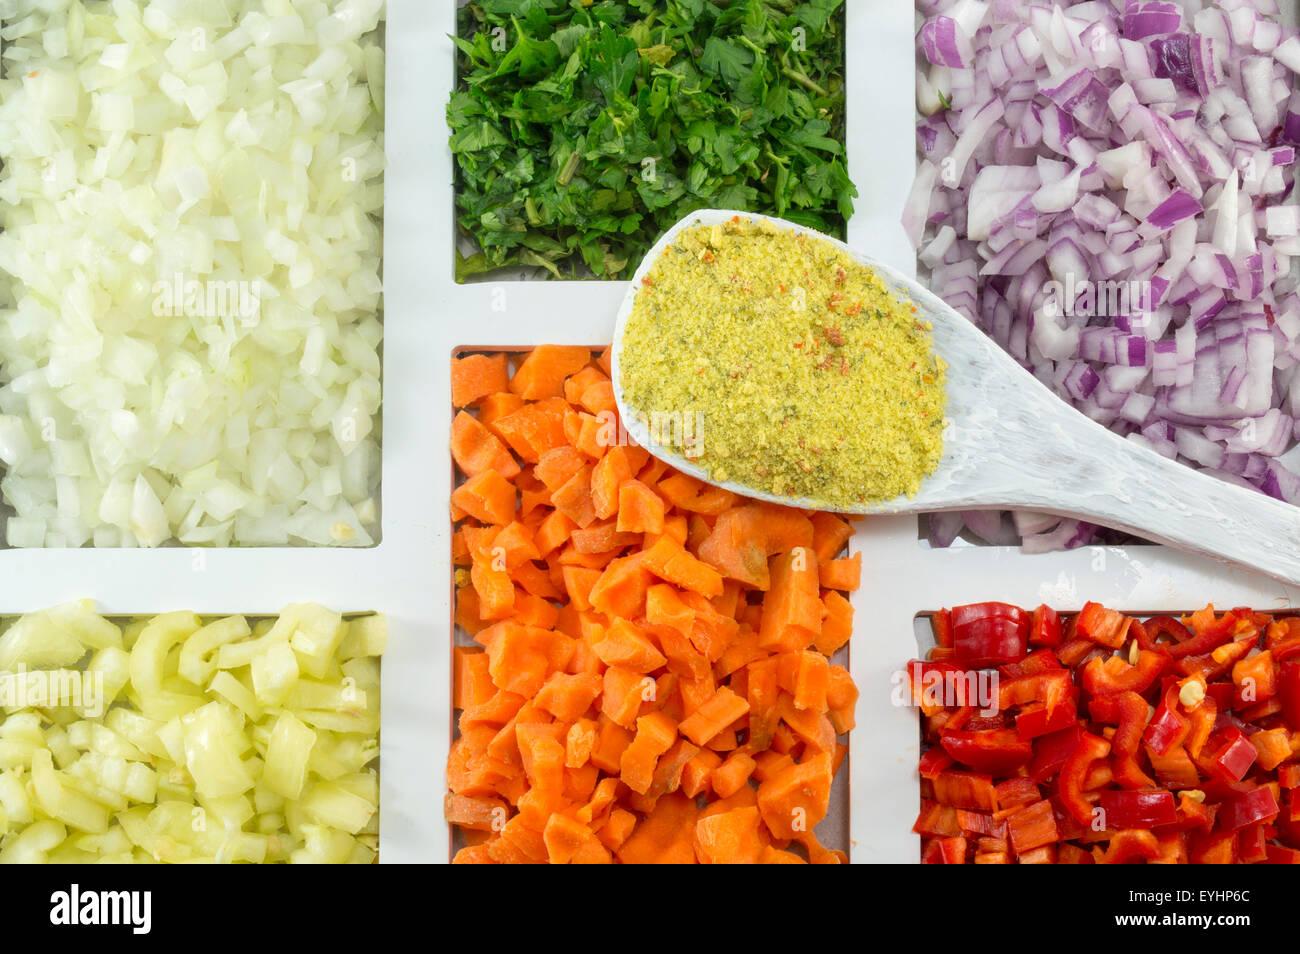 Weiße Holzlöffel mit Würze auf die bunten Gewürzen, Gemüse und Zutaten auf eine rechteckig Stockbild